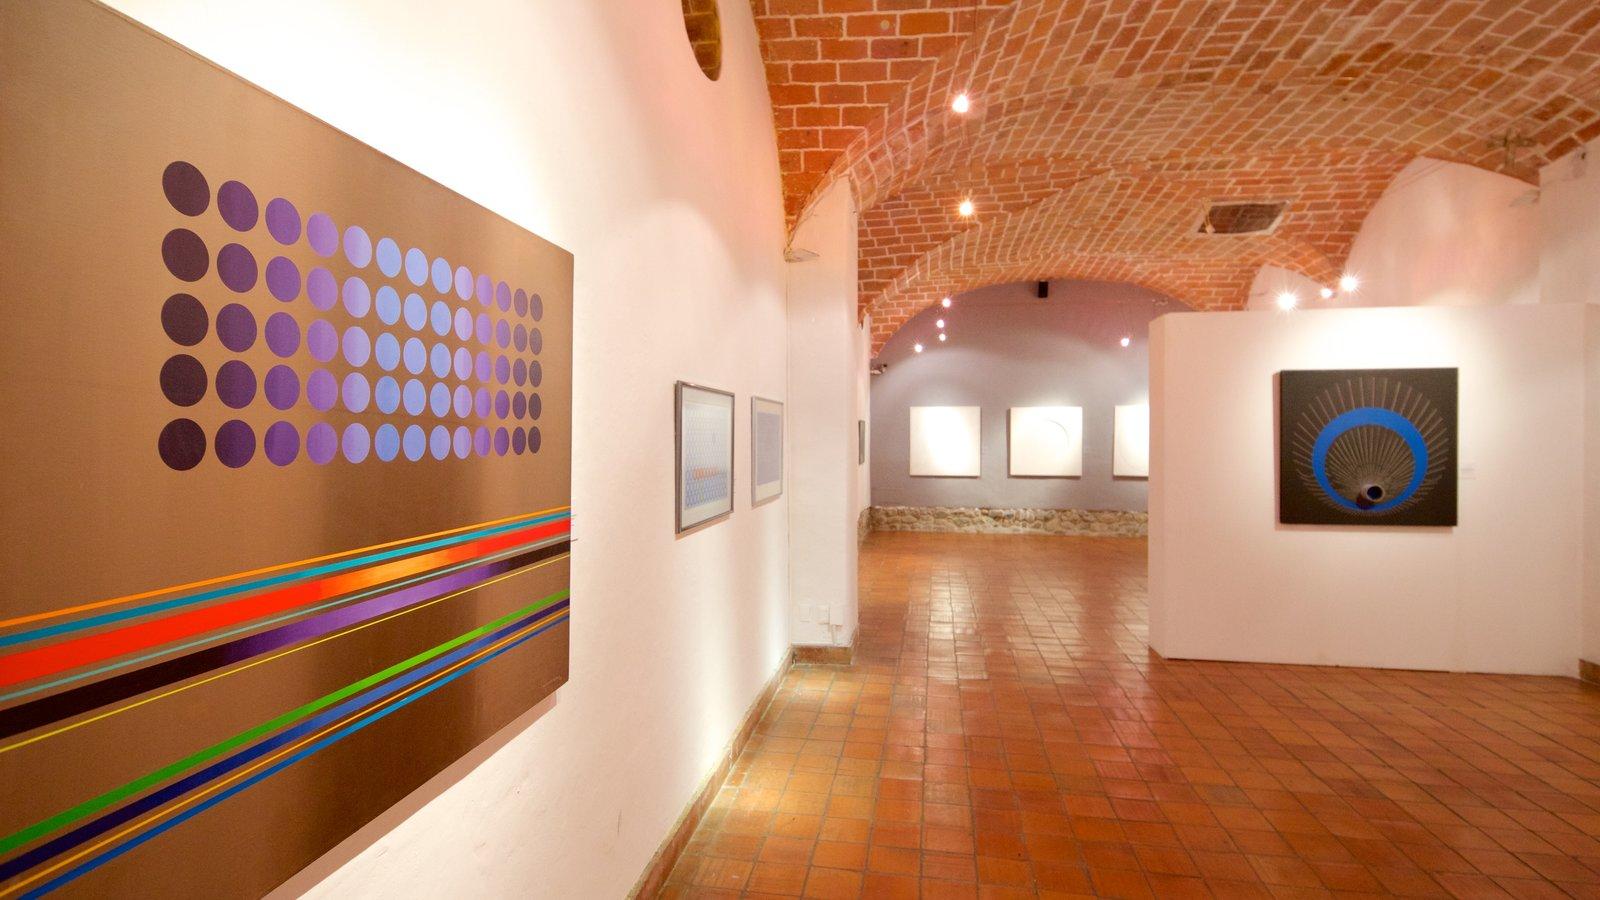 Museu de Arte Nacional que inclui vistas internas e arte